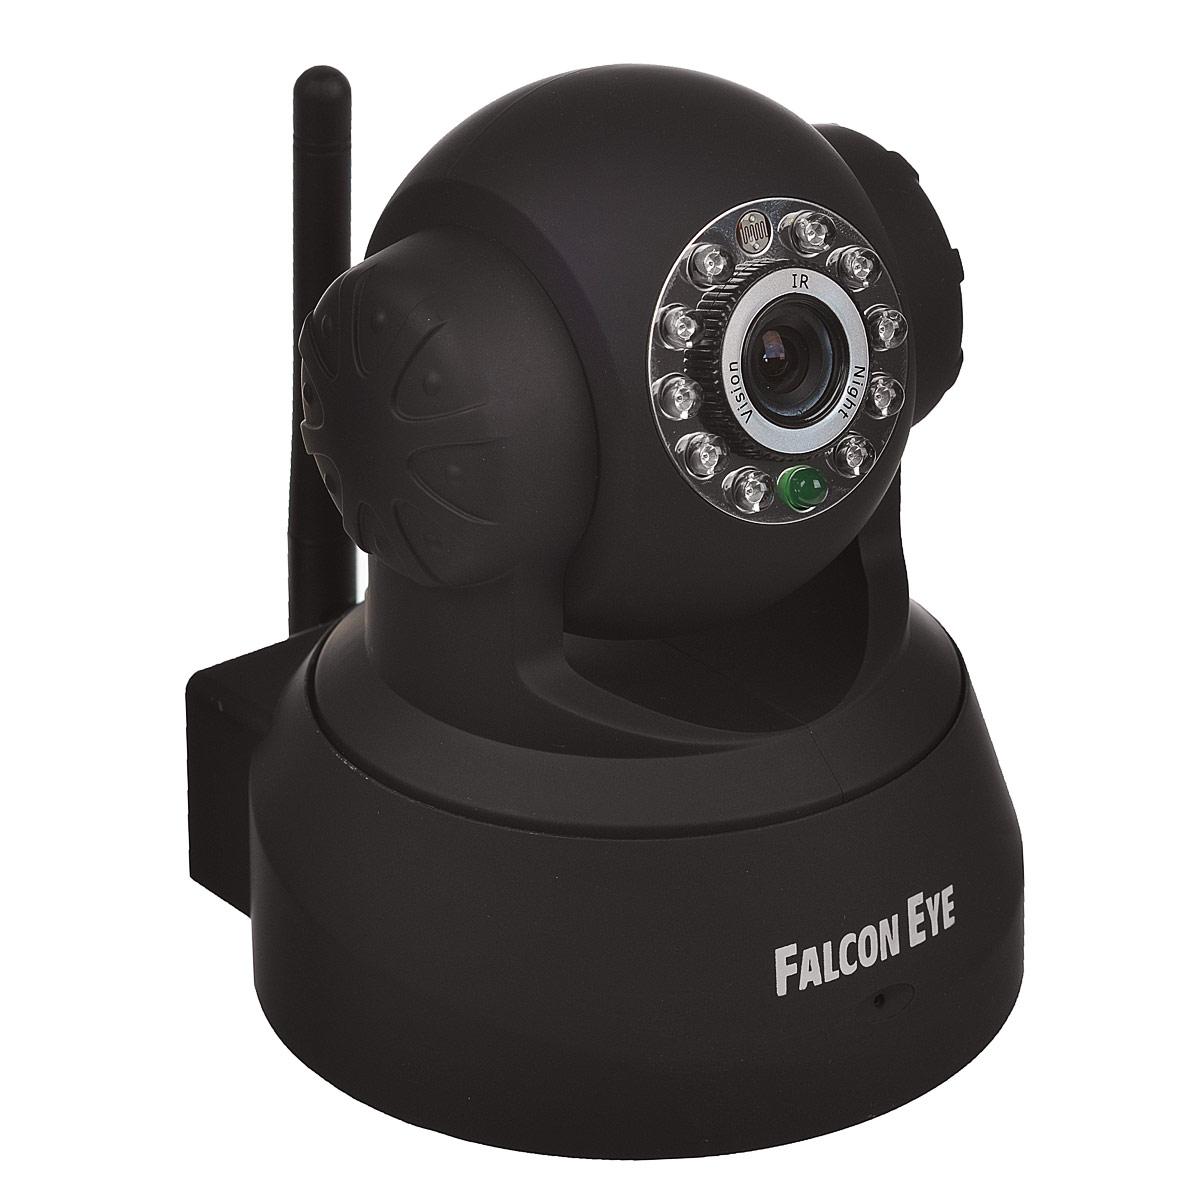 Falcon Eye FE-MTR300-P2P, Black беcпроводная камера видеонаблюденияFE-MTR300Bl-P2PFalcon Eye FE-MTR300-P2P - беспроводная поворотная Wi-Fi IP-камера, которая идеально подходит для осуществления видеонаблюдения в доме, квартире, офисе и других помещениях, где есть Интернет. Данная модель дает возможность удаленного просмотра происходящего на контролируемом объекте. Управляя устройством, вы можете удаленно поворачивать камеру и наблюдать за той точкой объекта, которая интересна в данный момент времени. Данная функция возможна благодаря повороту камеры на 340° по горизонтали 90° по вертикали. Встроенные микрофон и динамик позволяет не только слушать, но и общаться с наблюдаемыми людьми. Благодаря инфракрасной подсветке существует возможность производить видеонаблюдение в темное время суток и при полном отсутствии освещения. Встроенный микрофон Автоотправка на E-MAIL Встроенный динамик Инфракрасная подсветка Просмотр с мобильных устройств Угол наклона: 90° Угол поворота: 340°